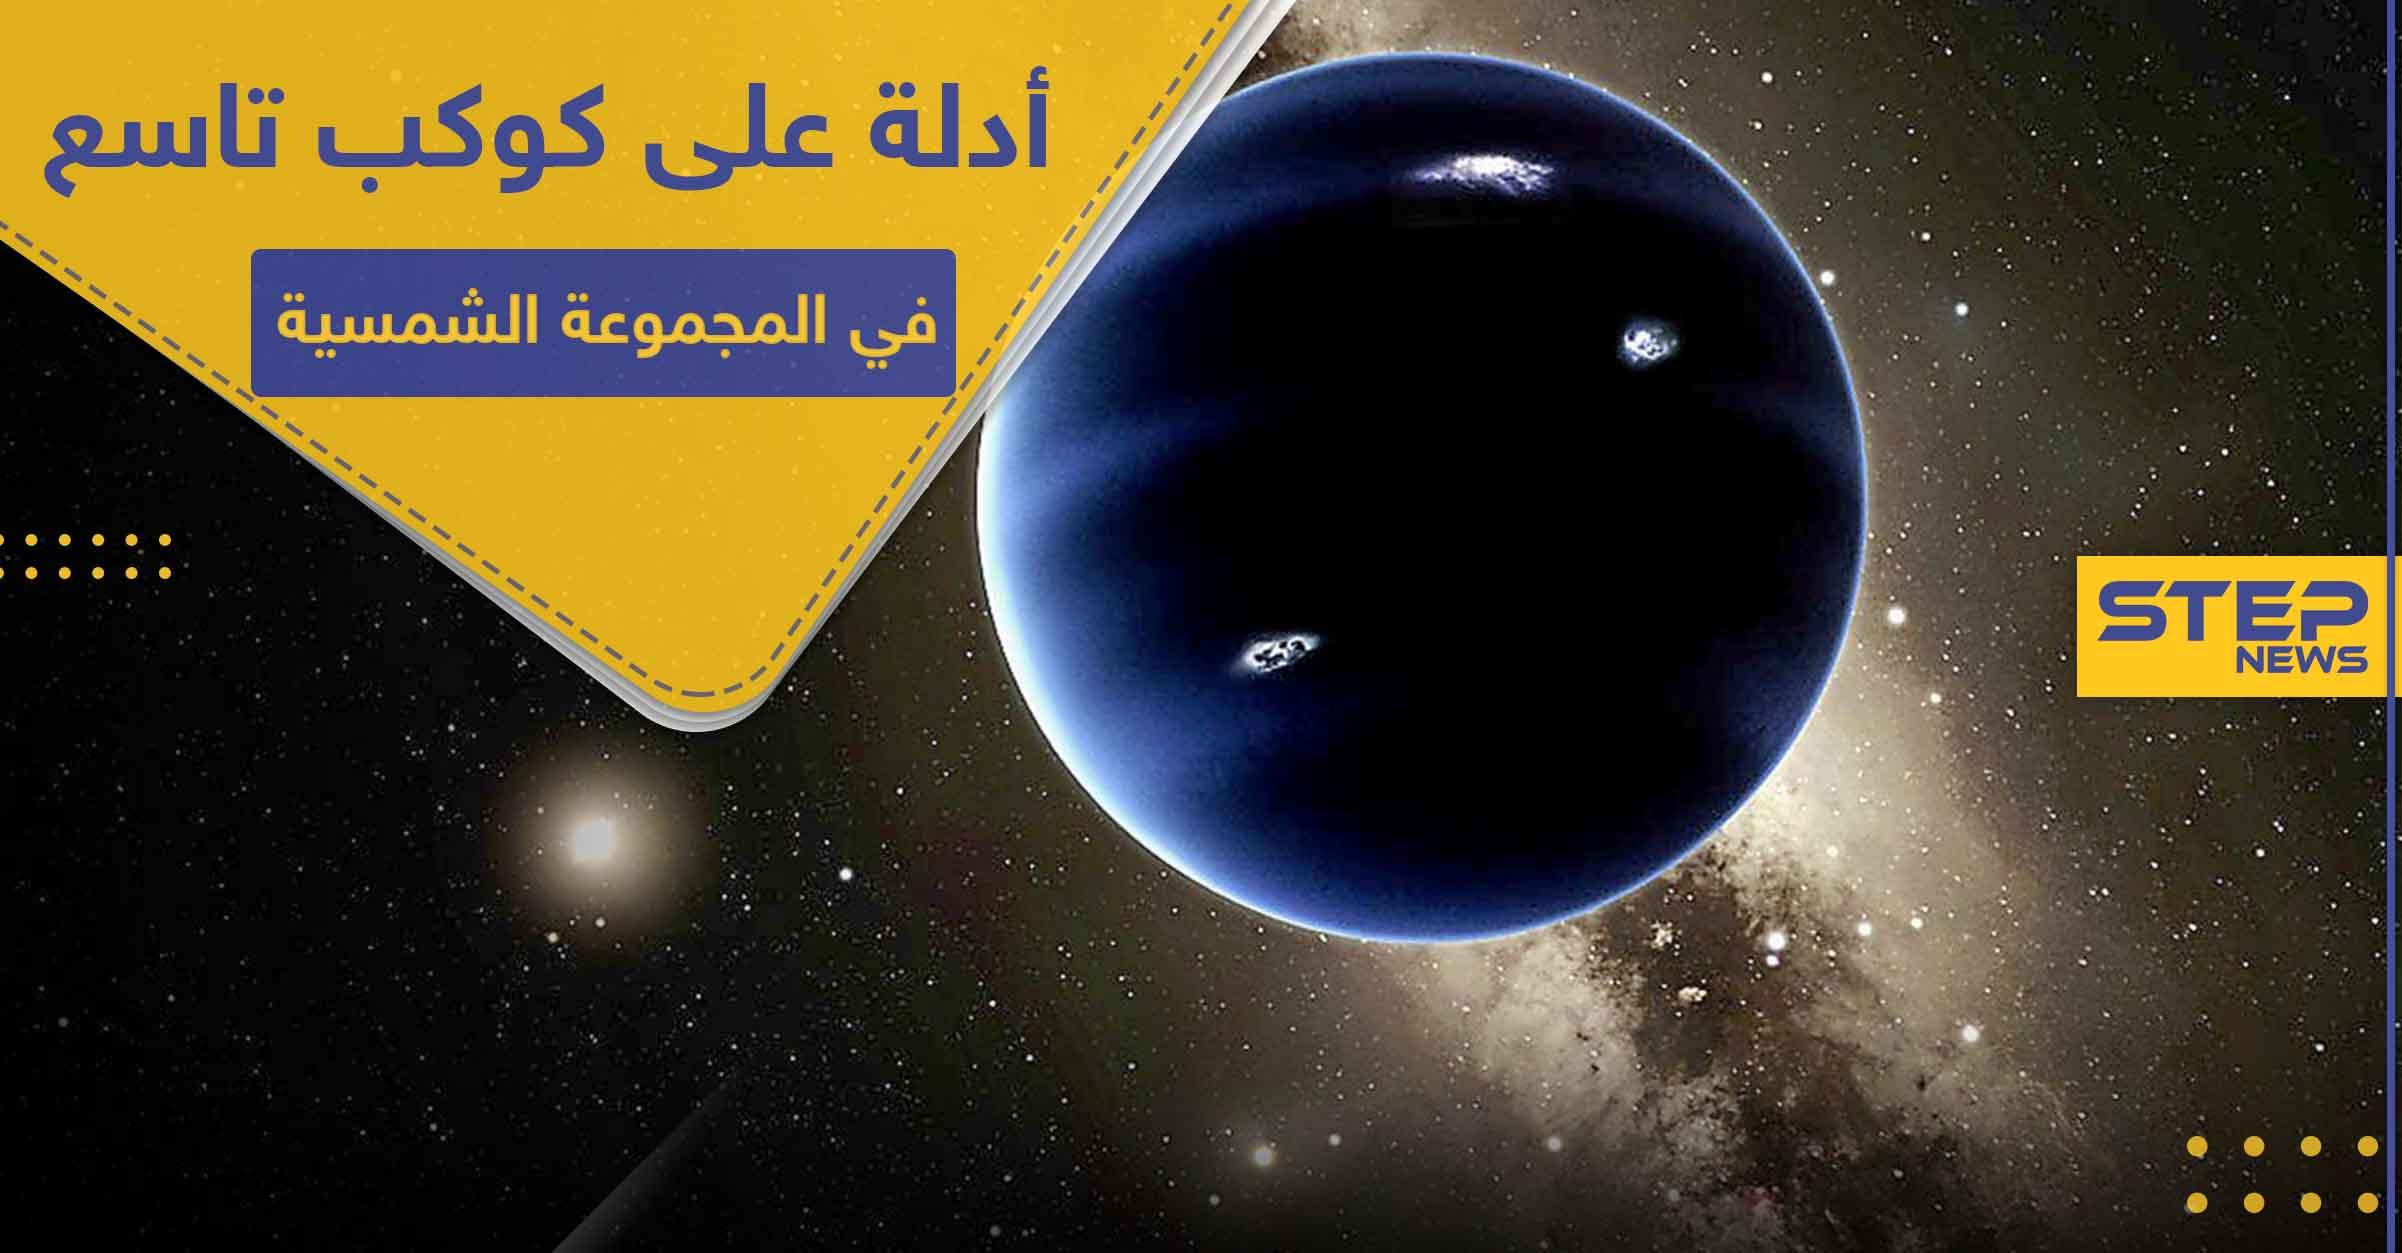 سيكون انتصاراً لعلماء الفلك.. أدلة على وجود كوكب تاسع في المجموعة الشمسية